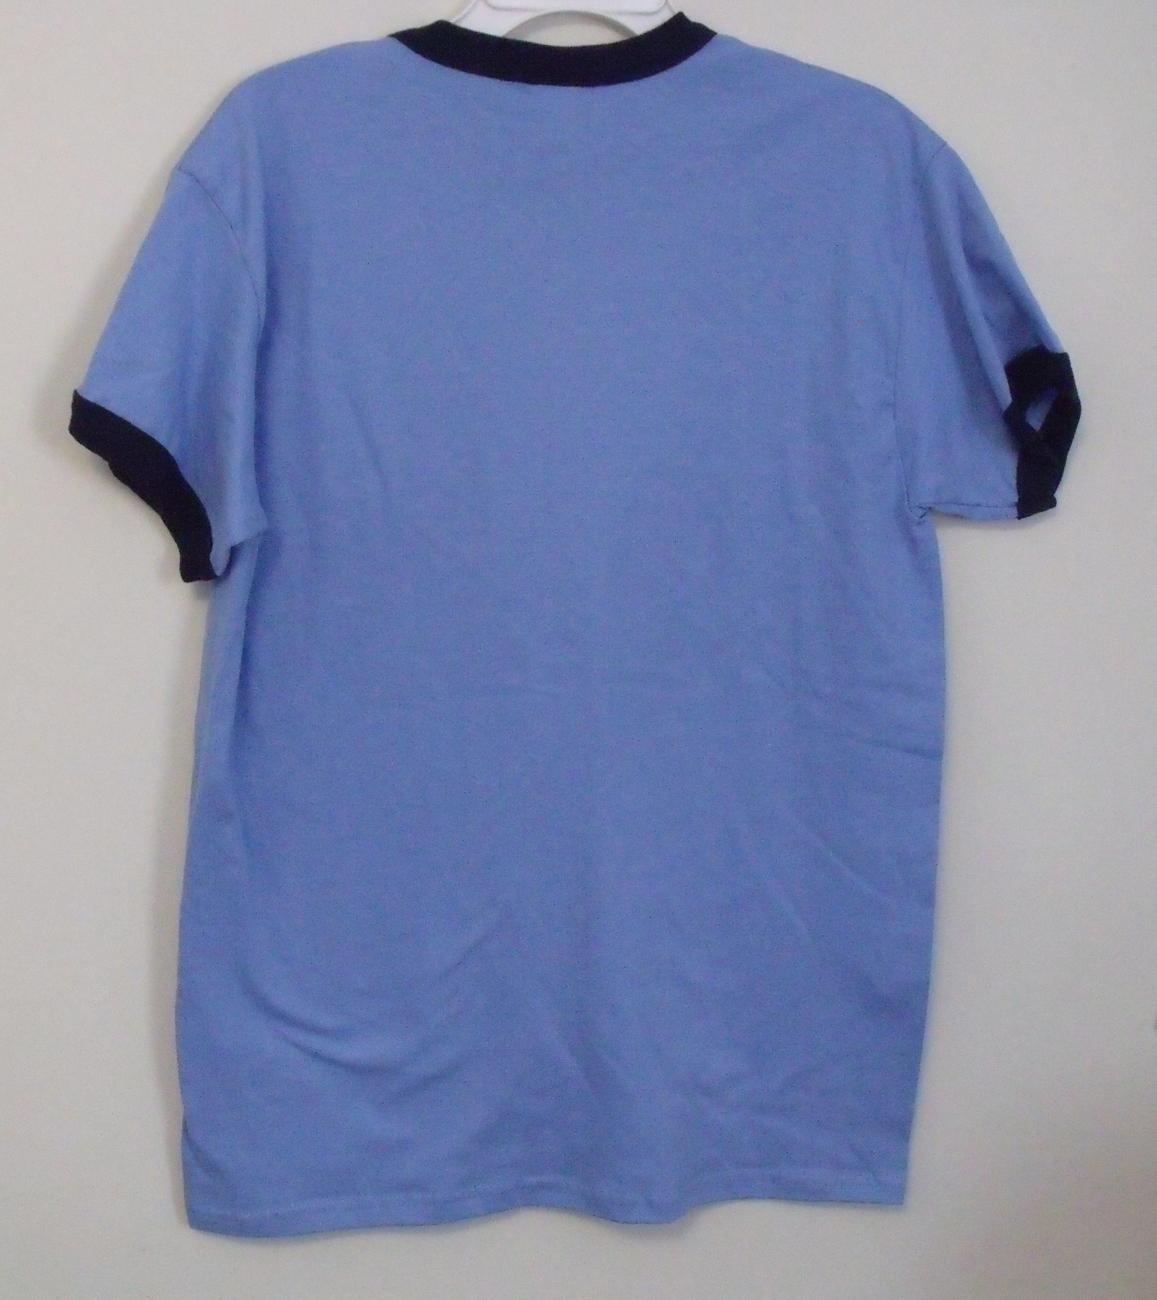 Mens Gildan Nwot Blue Navy Blue Short Sleeve T Shirt Size